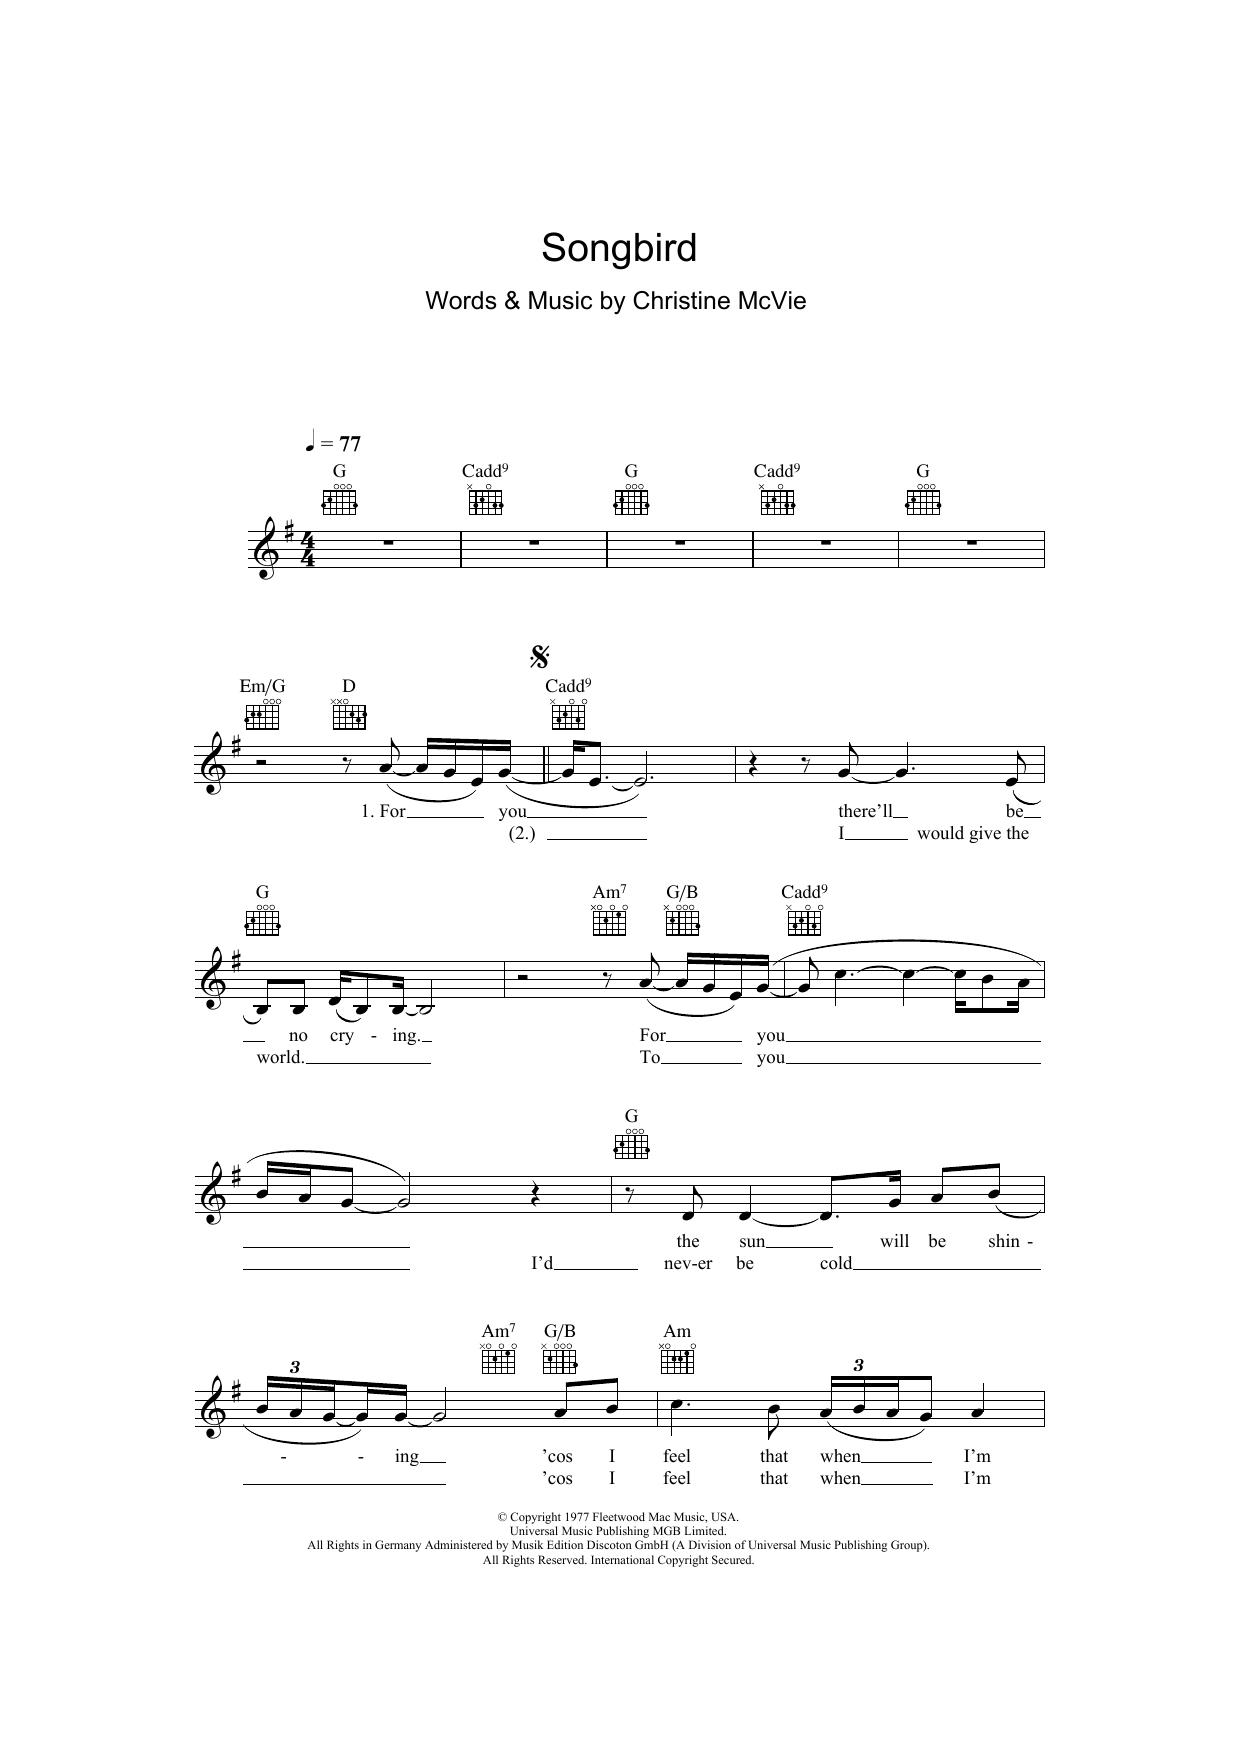 Fleetwood Mac - Songbird